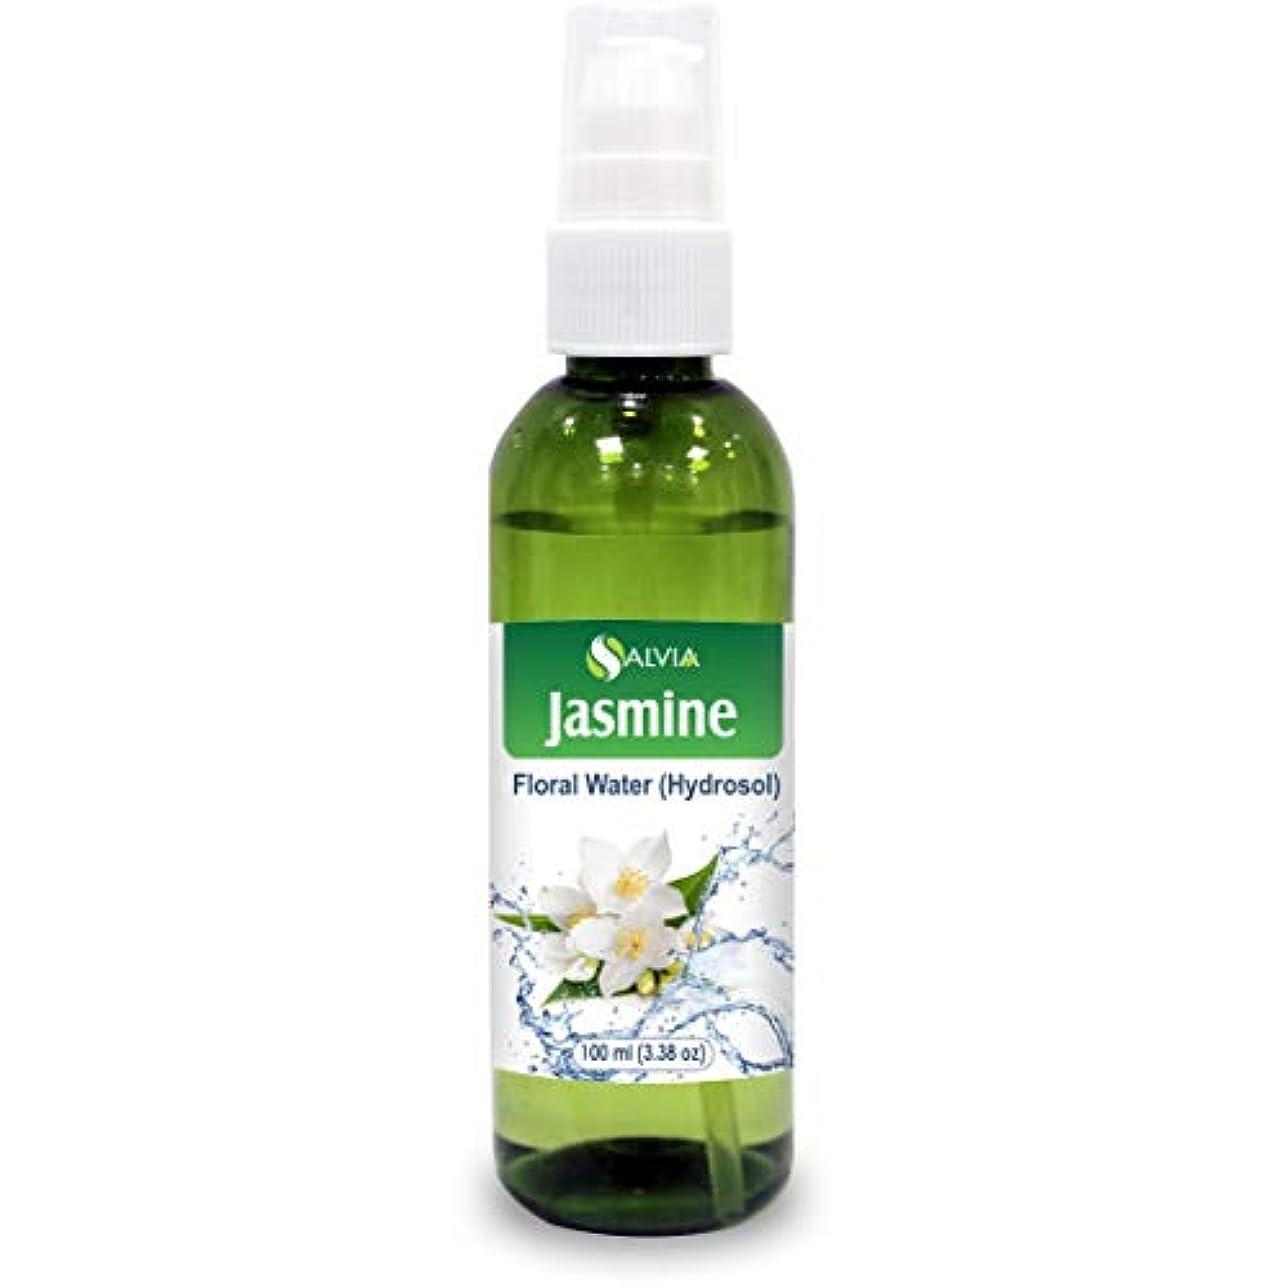 スローガンレンダー管理するJasmine Floral Water 100ml (Hydrosol) 100% Pure And Natural